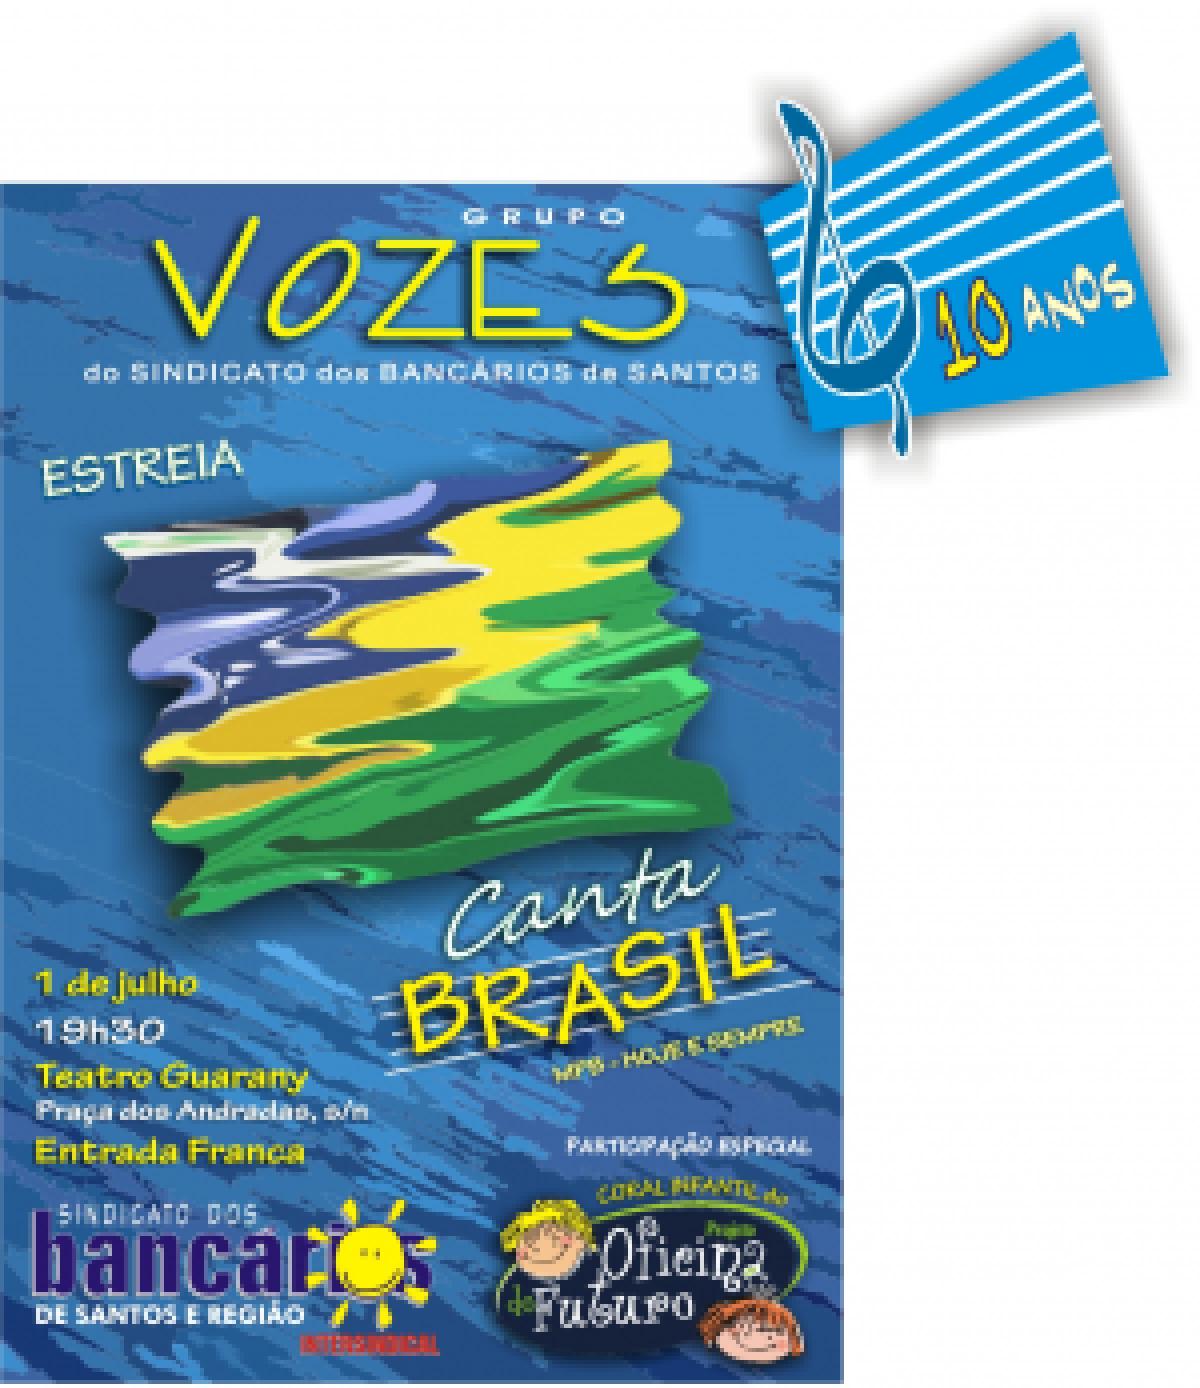 Grupo Vozes do Sindicato dos Bancários estreia o espetáculo Canta Brasil